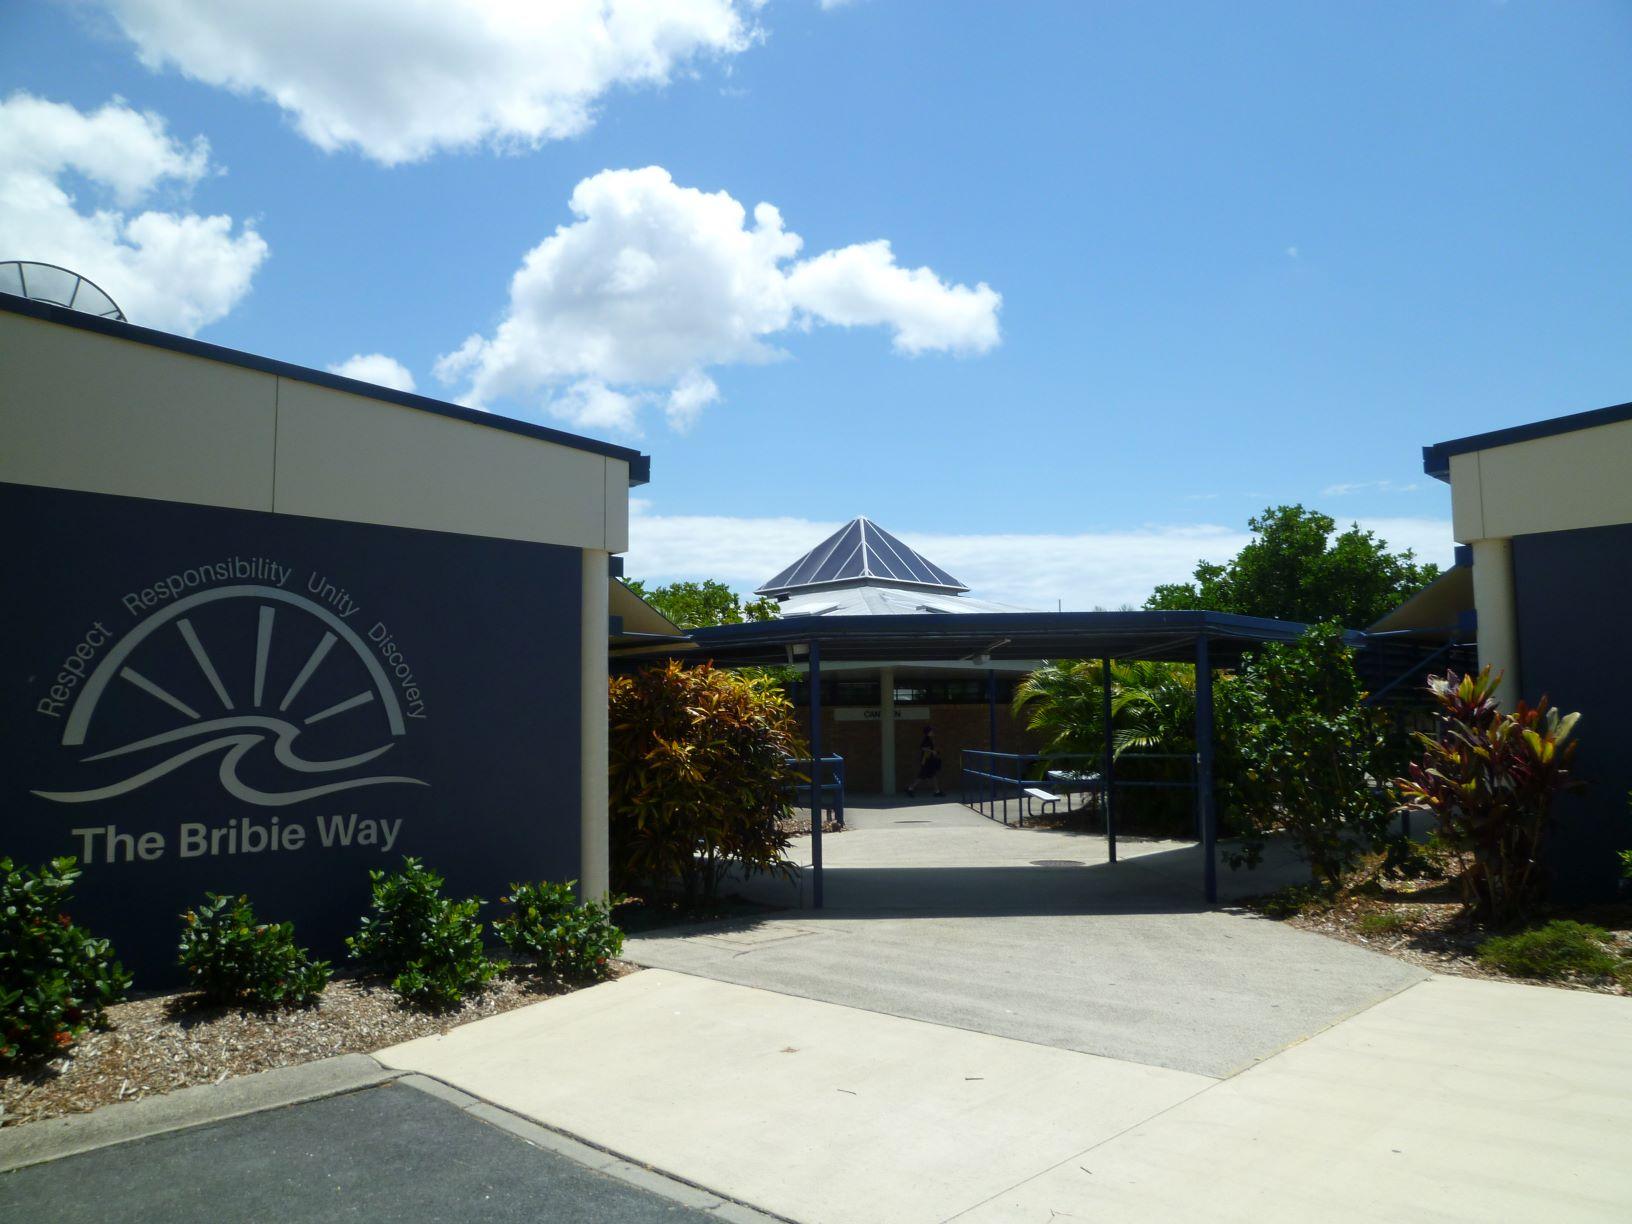 ブライビーアイランド・ステイト・ハイスクール(サンシャインコースト)/ Bribie Island State High School